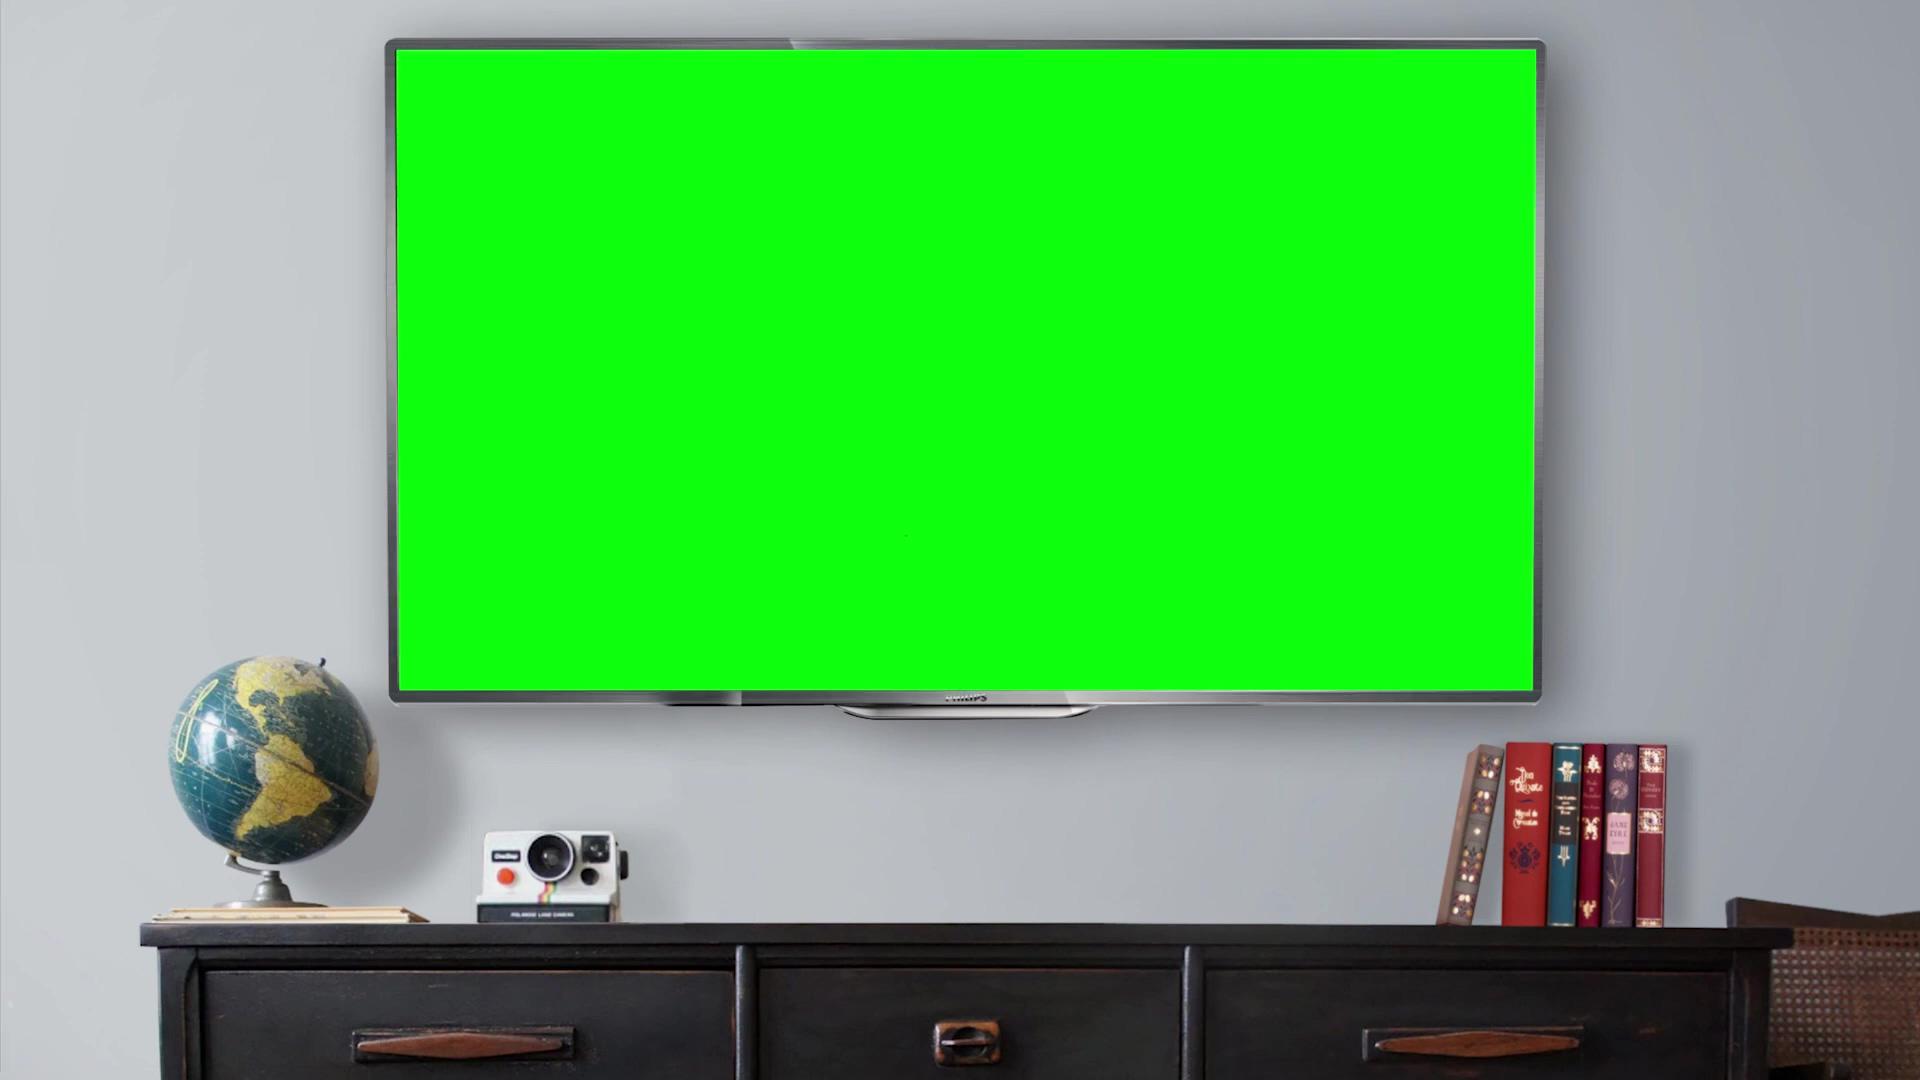 室内的电视绿幕